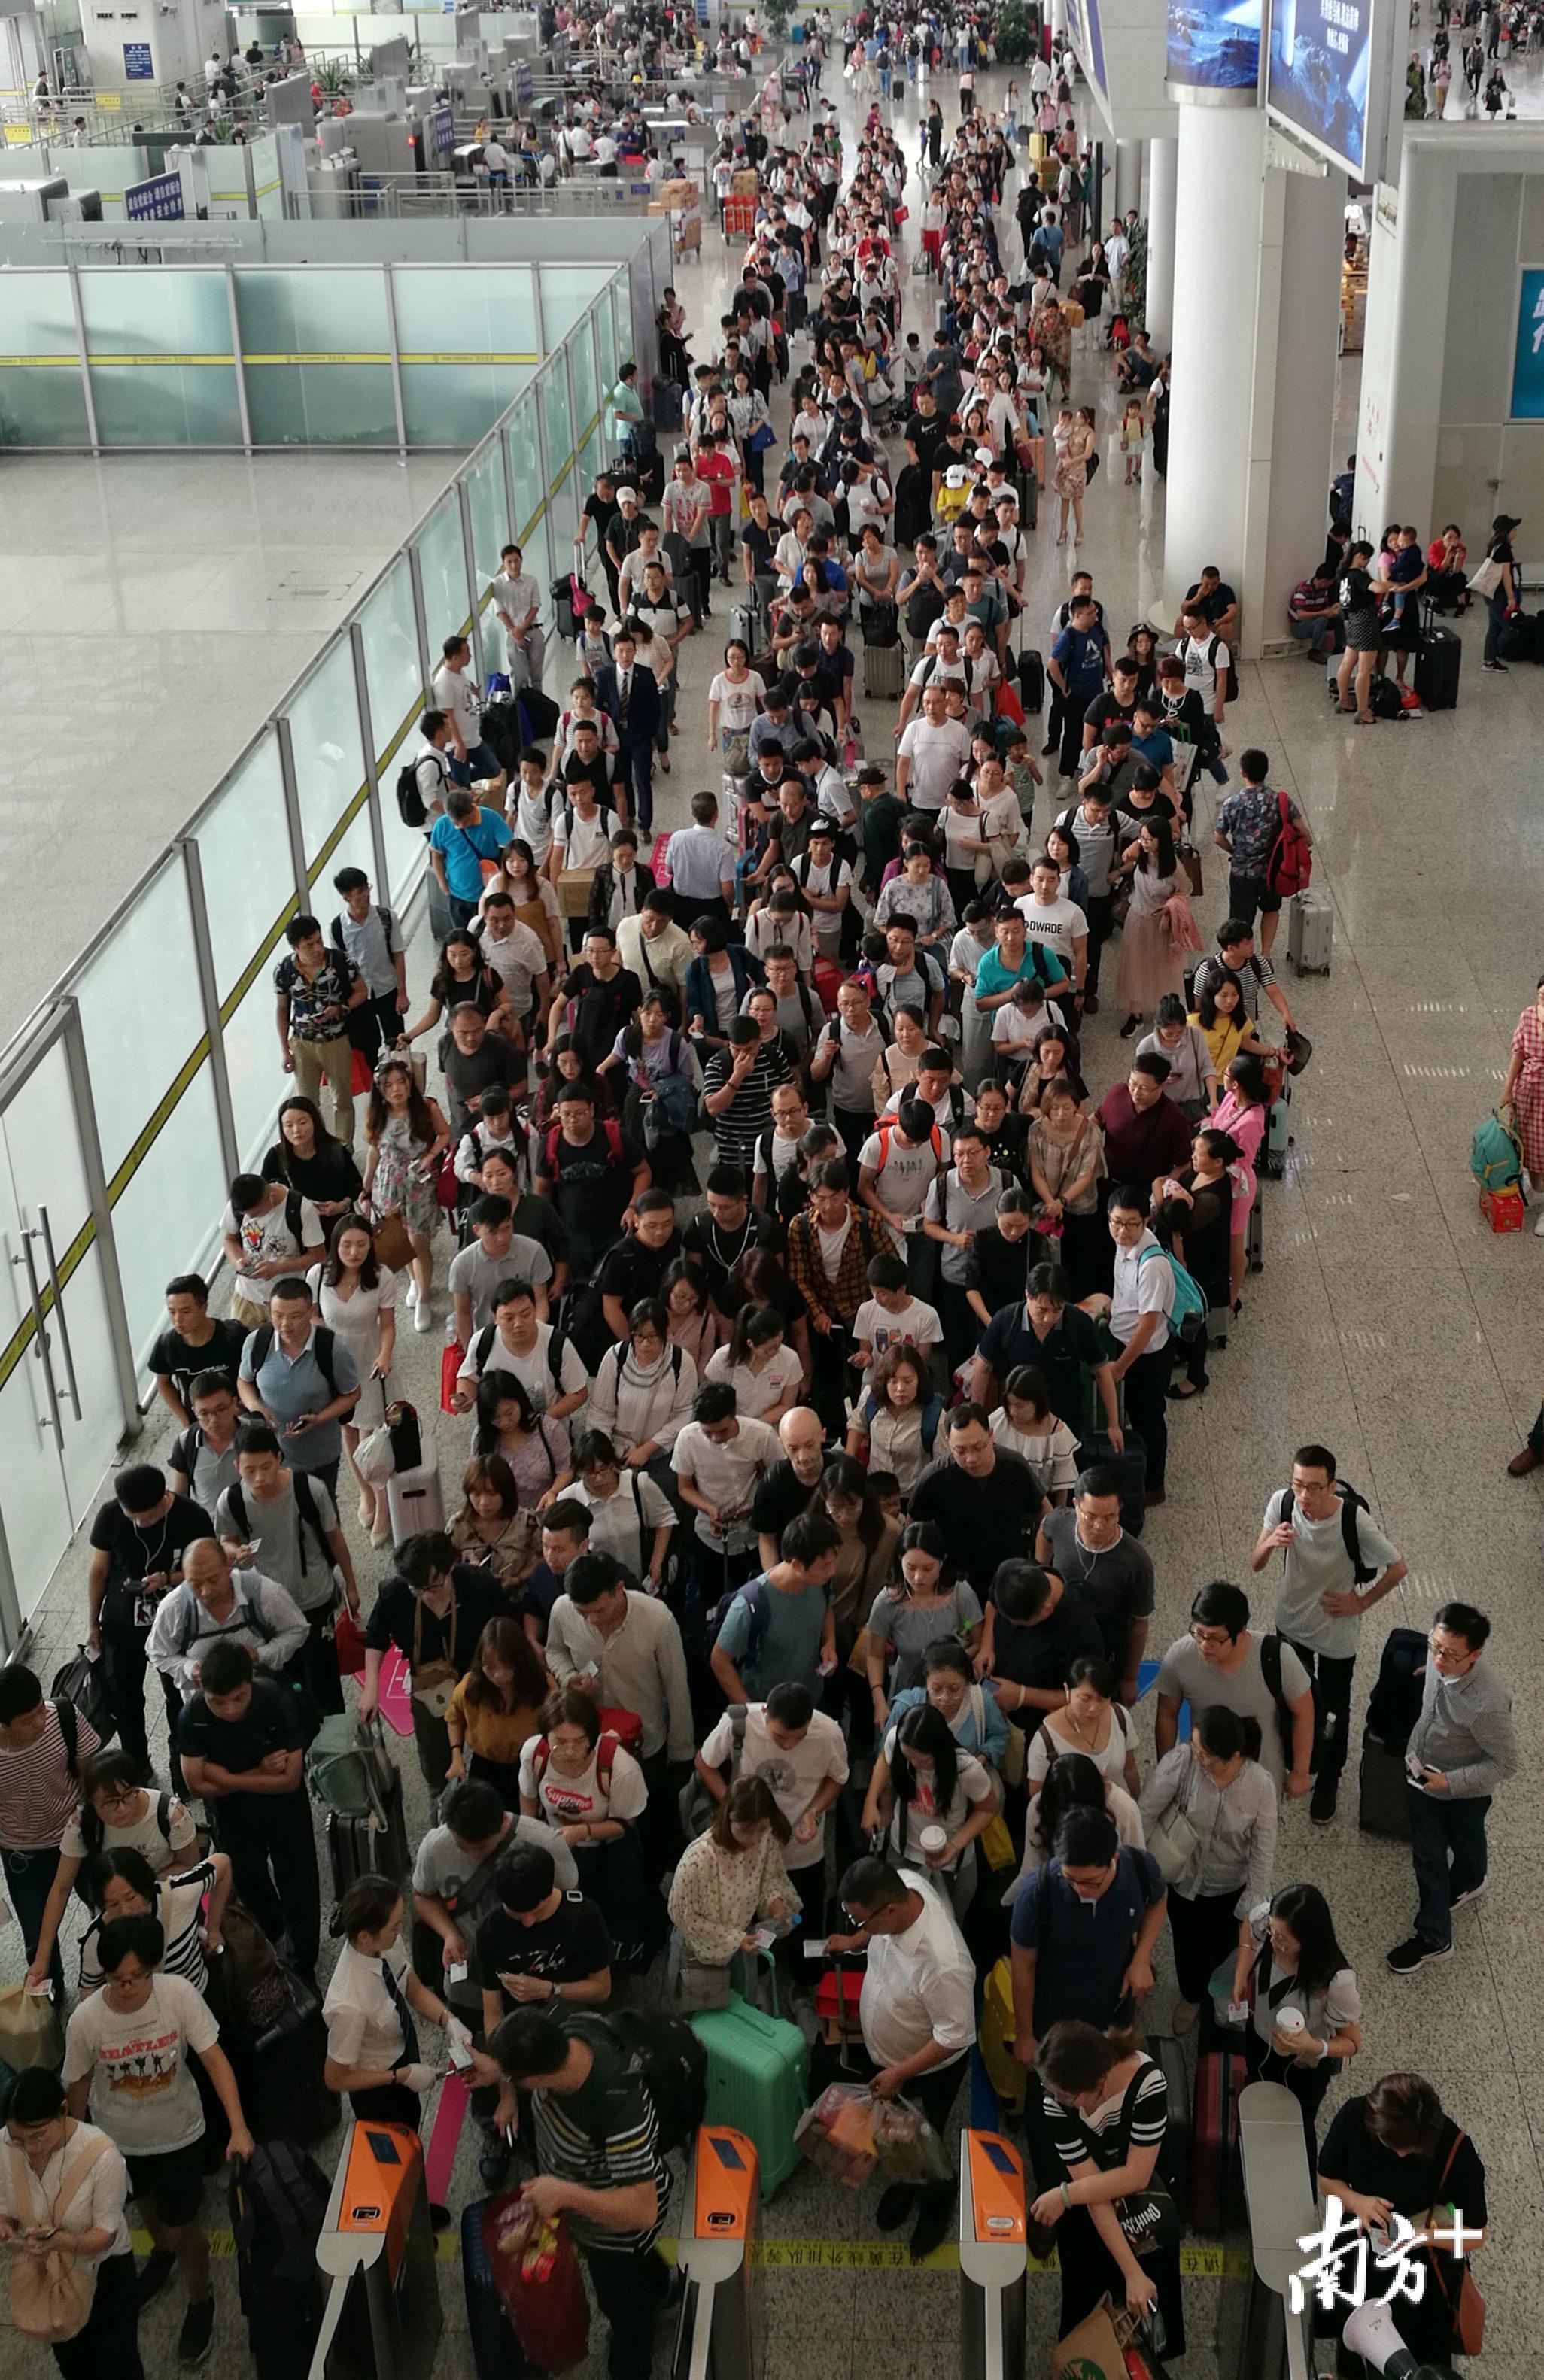 国庆长假来啦 广深各出城车站客流明显增多